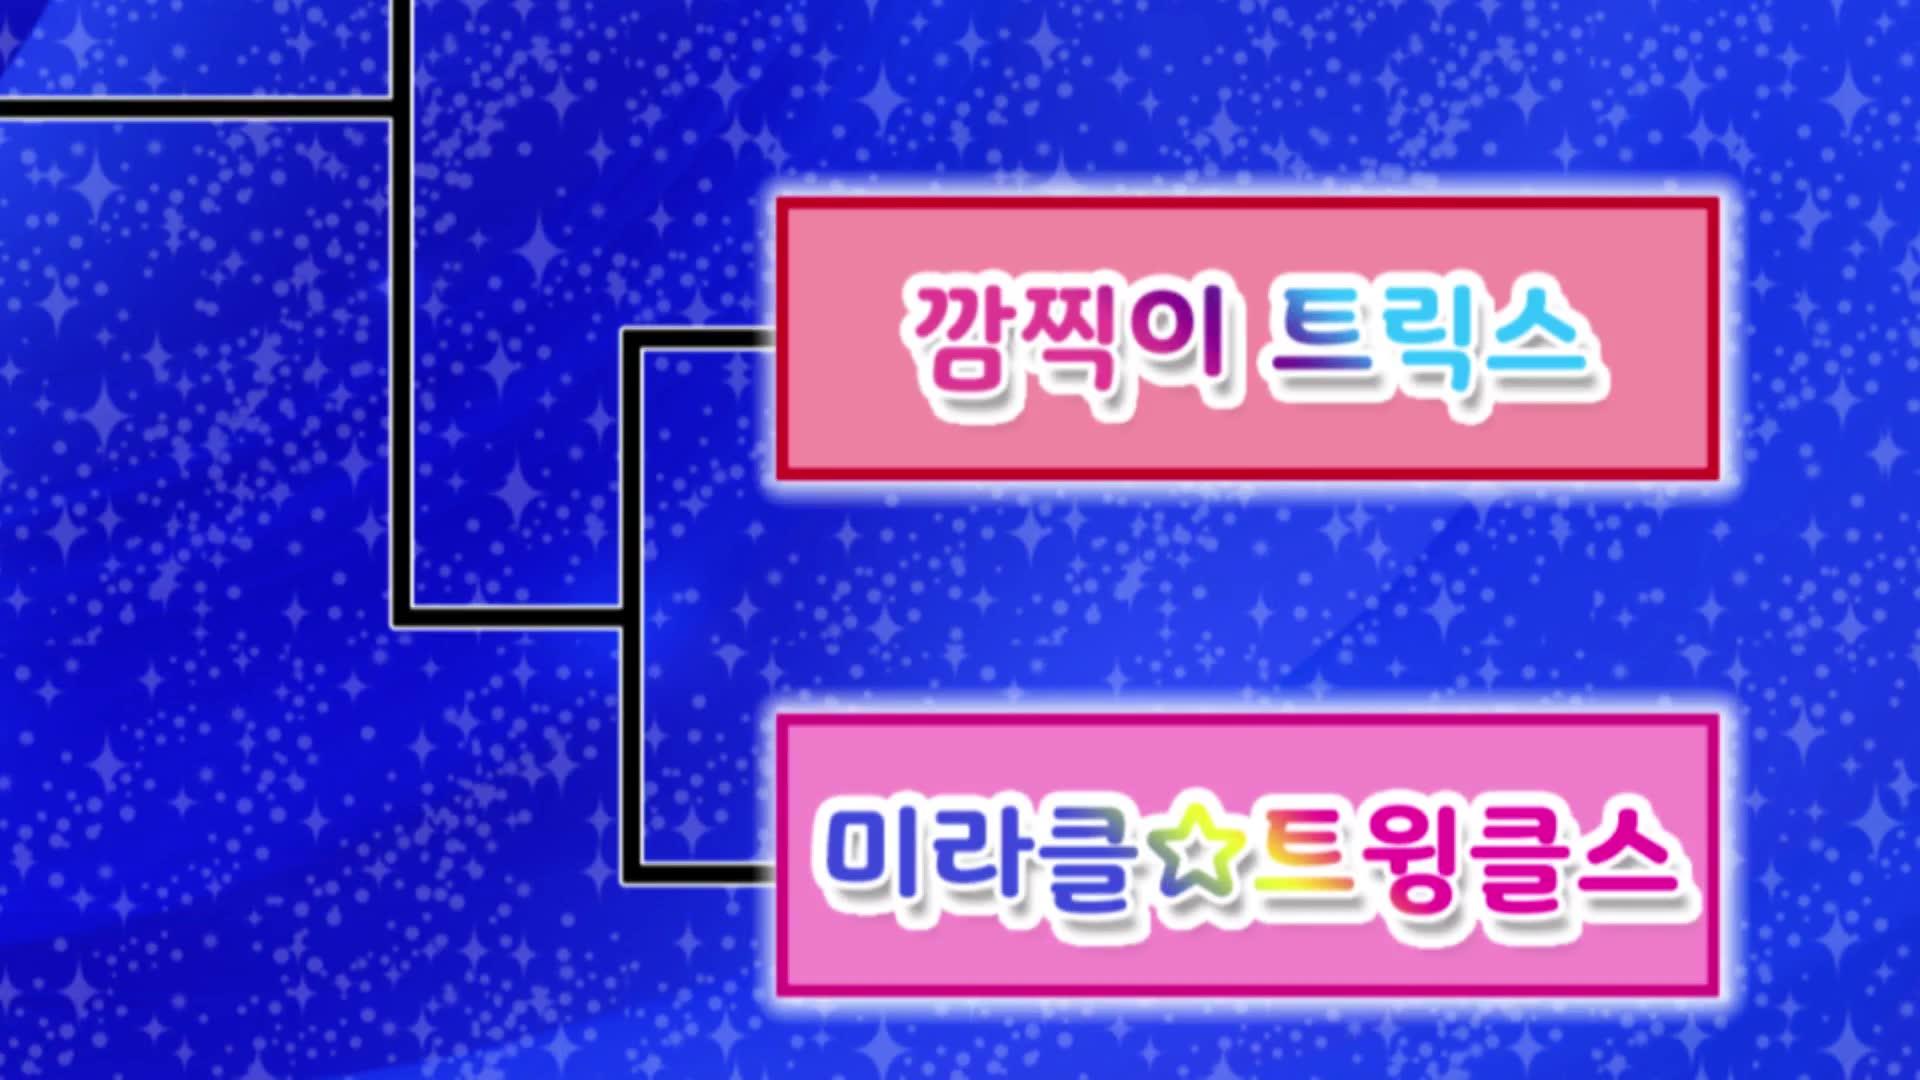 37화 윈터 스페셜 대회로 프리☆채널